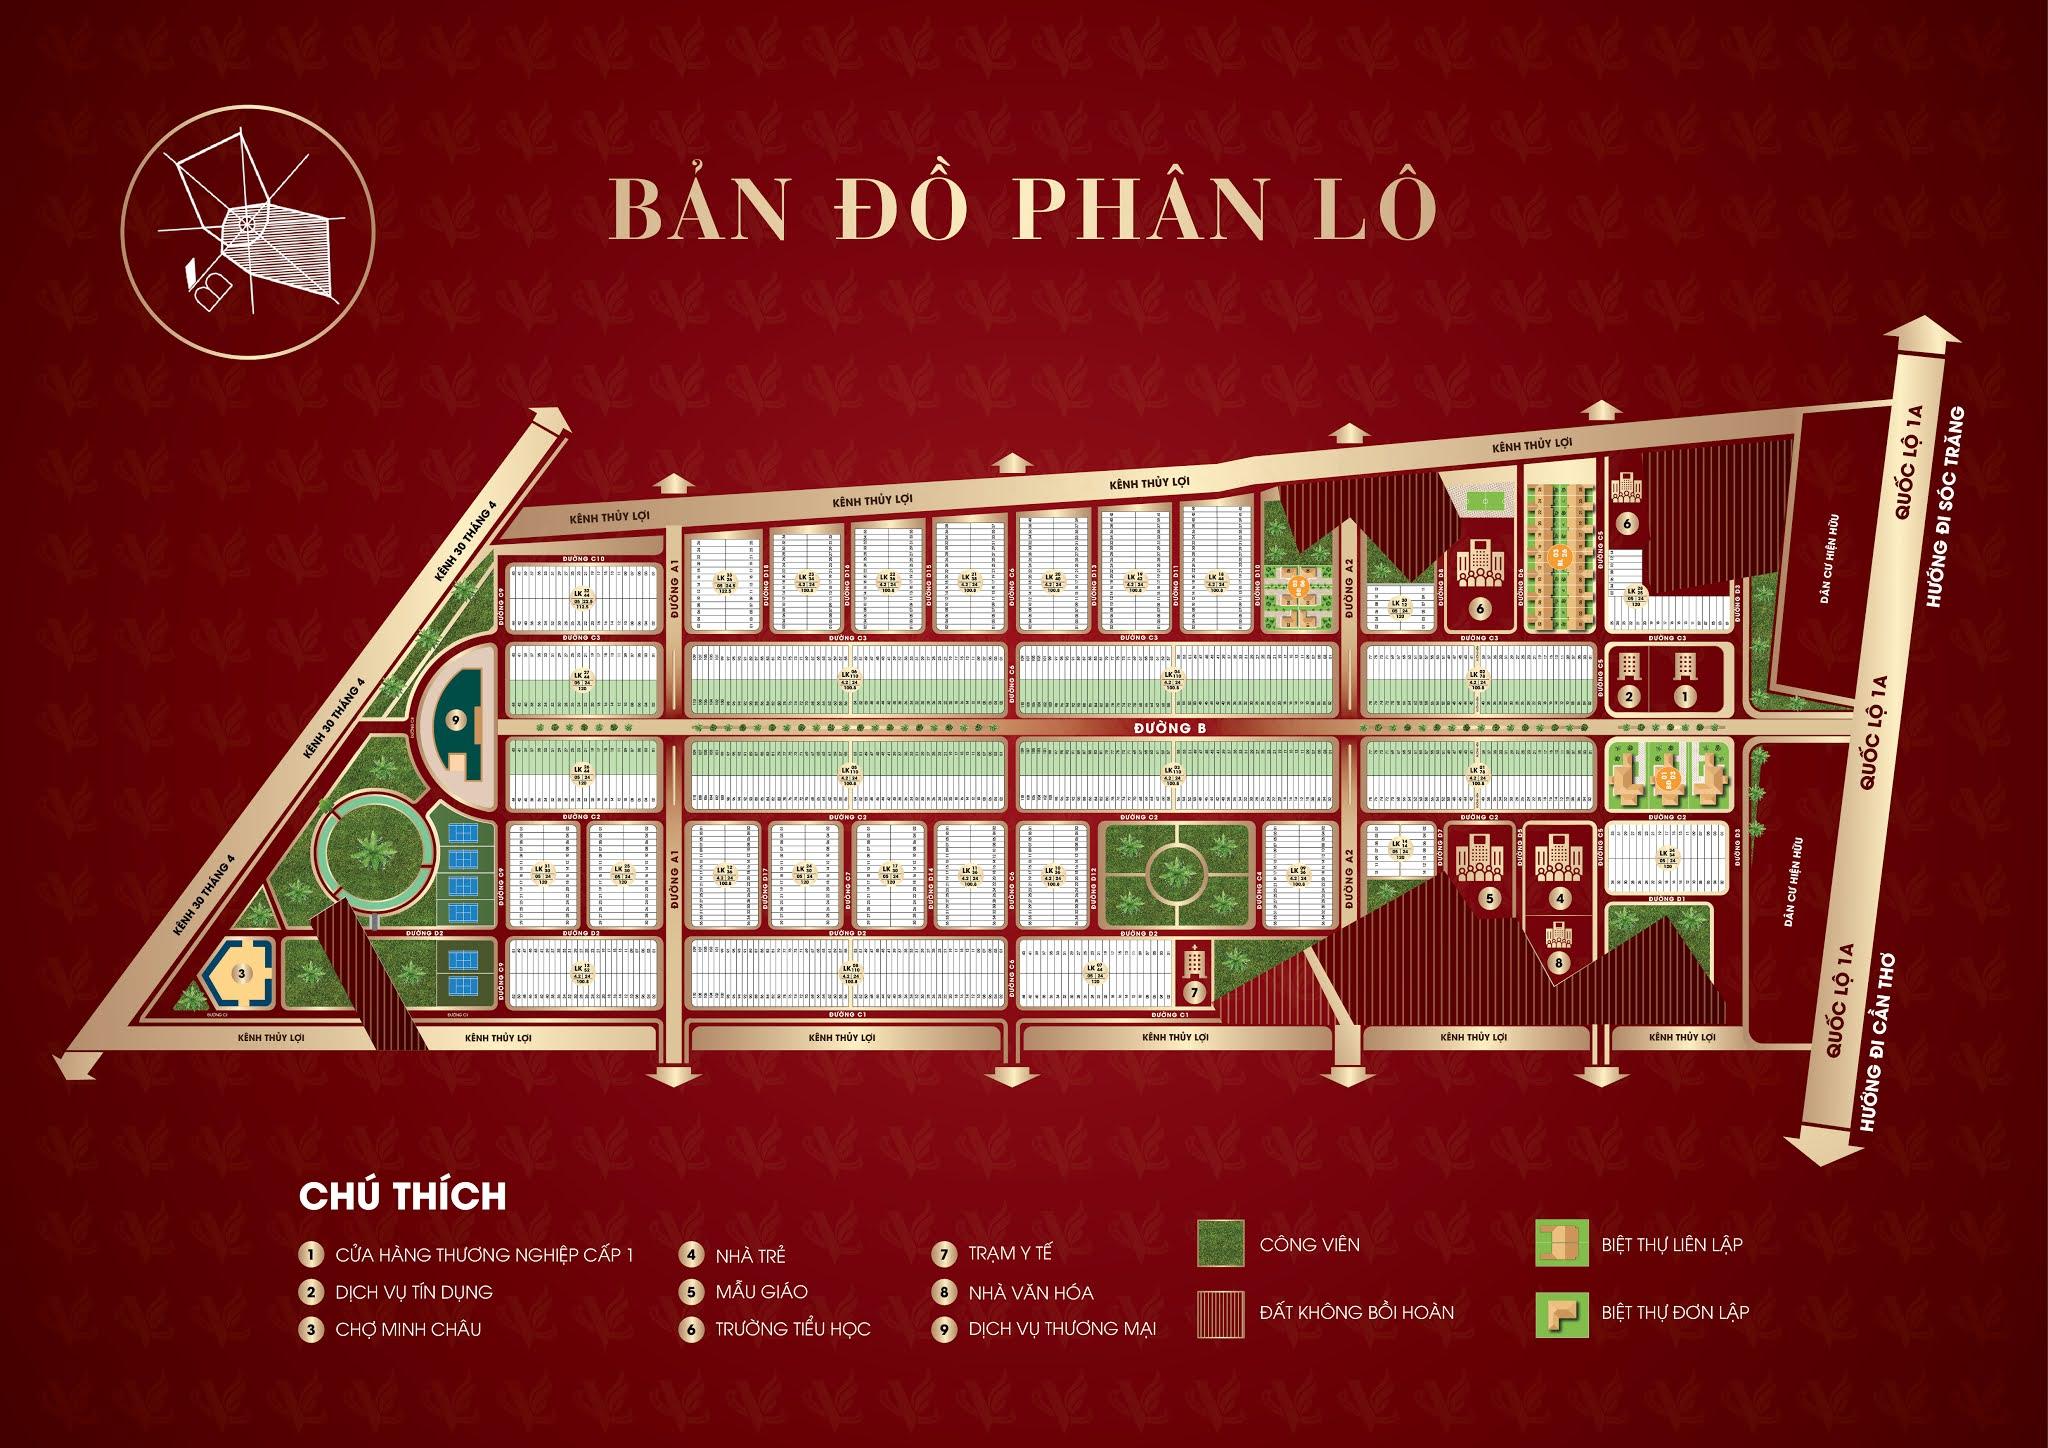 Bản đồ phân lô Vạn Phát Avenue